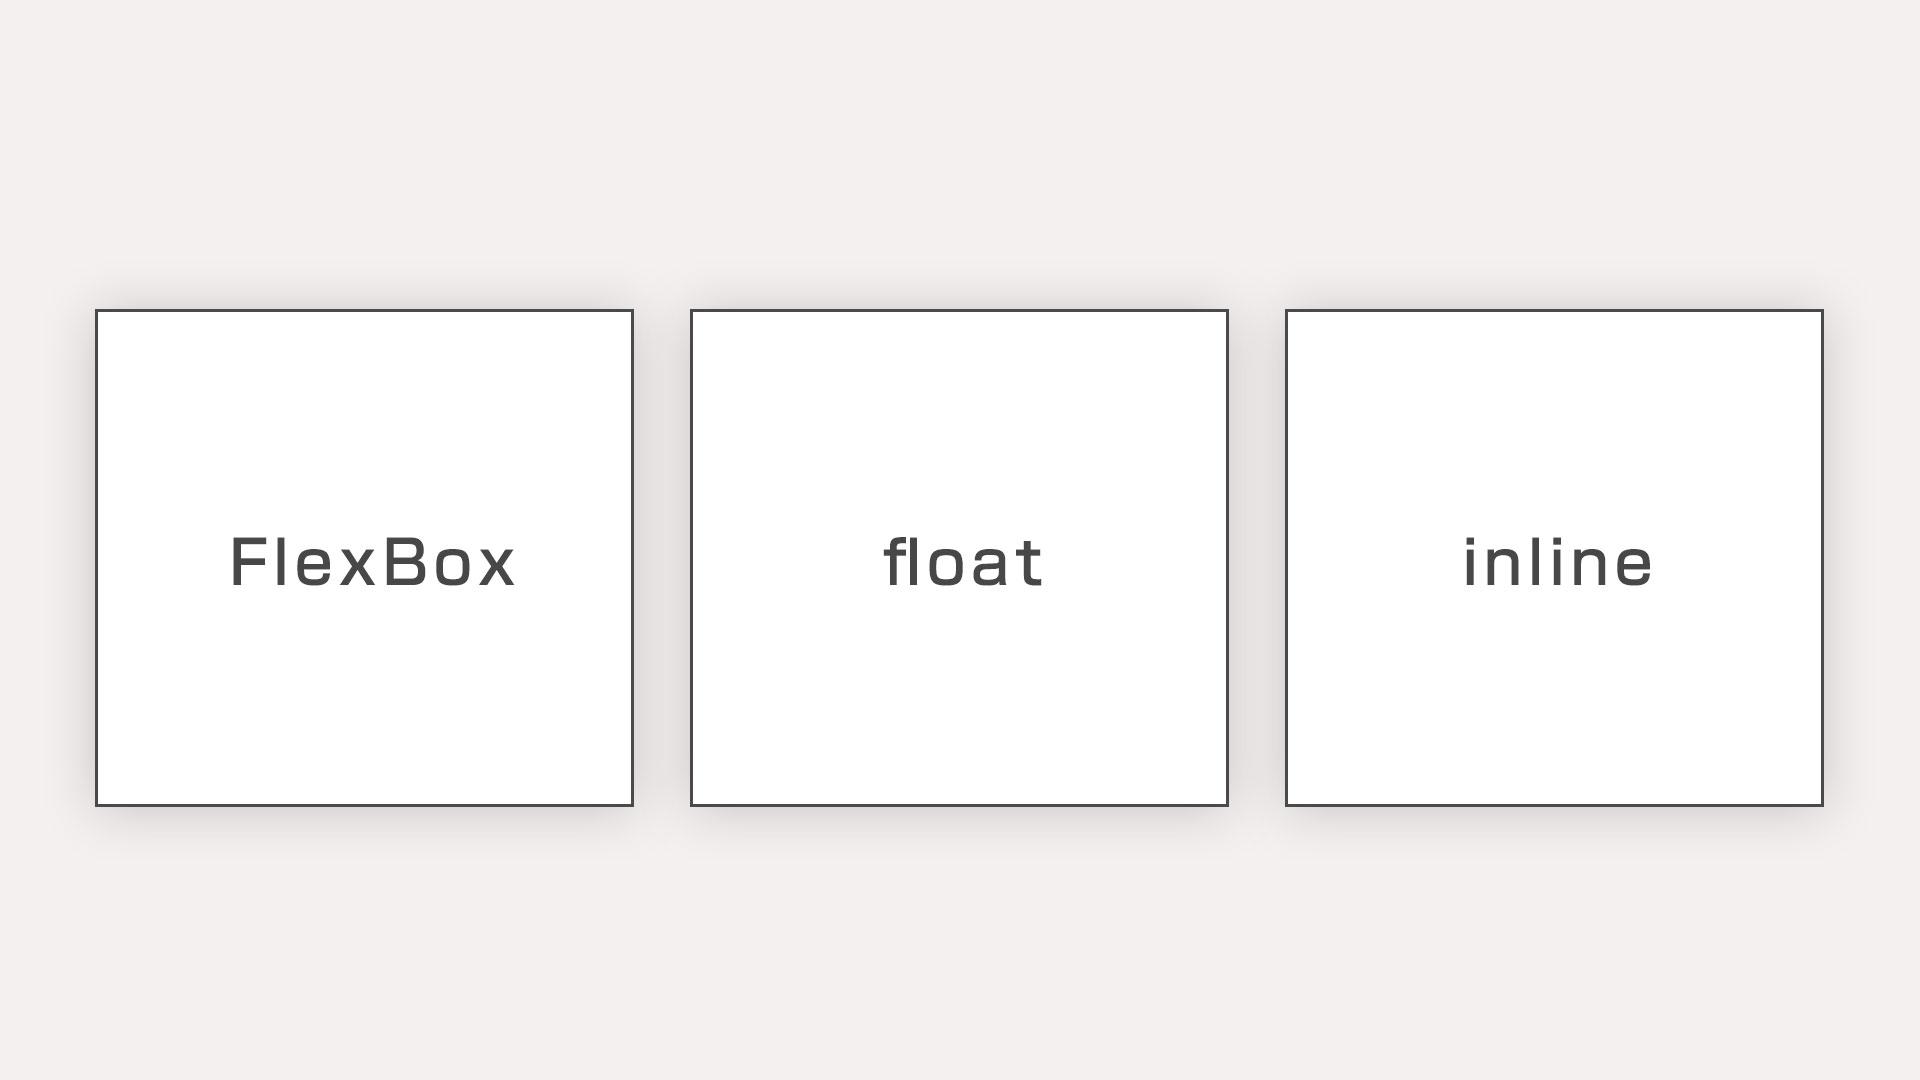 CSSで横並びにする方法3種類とその使い分け